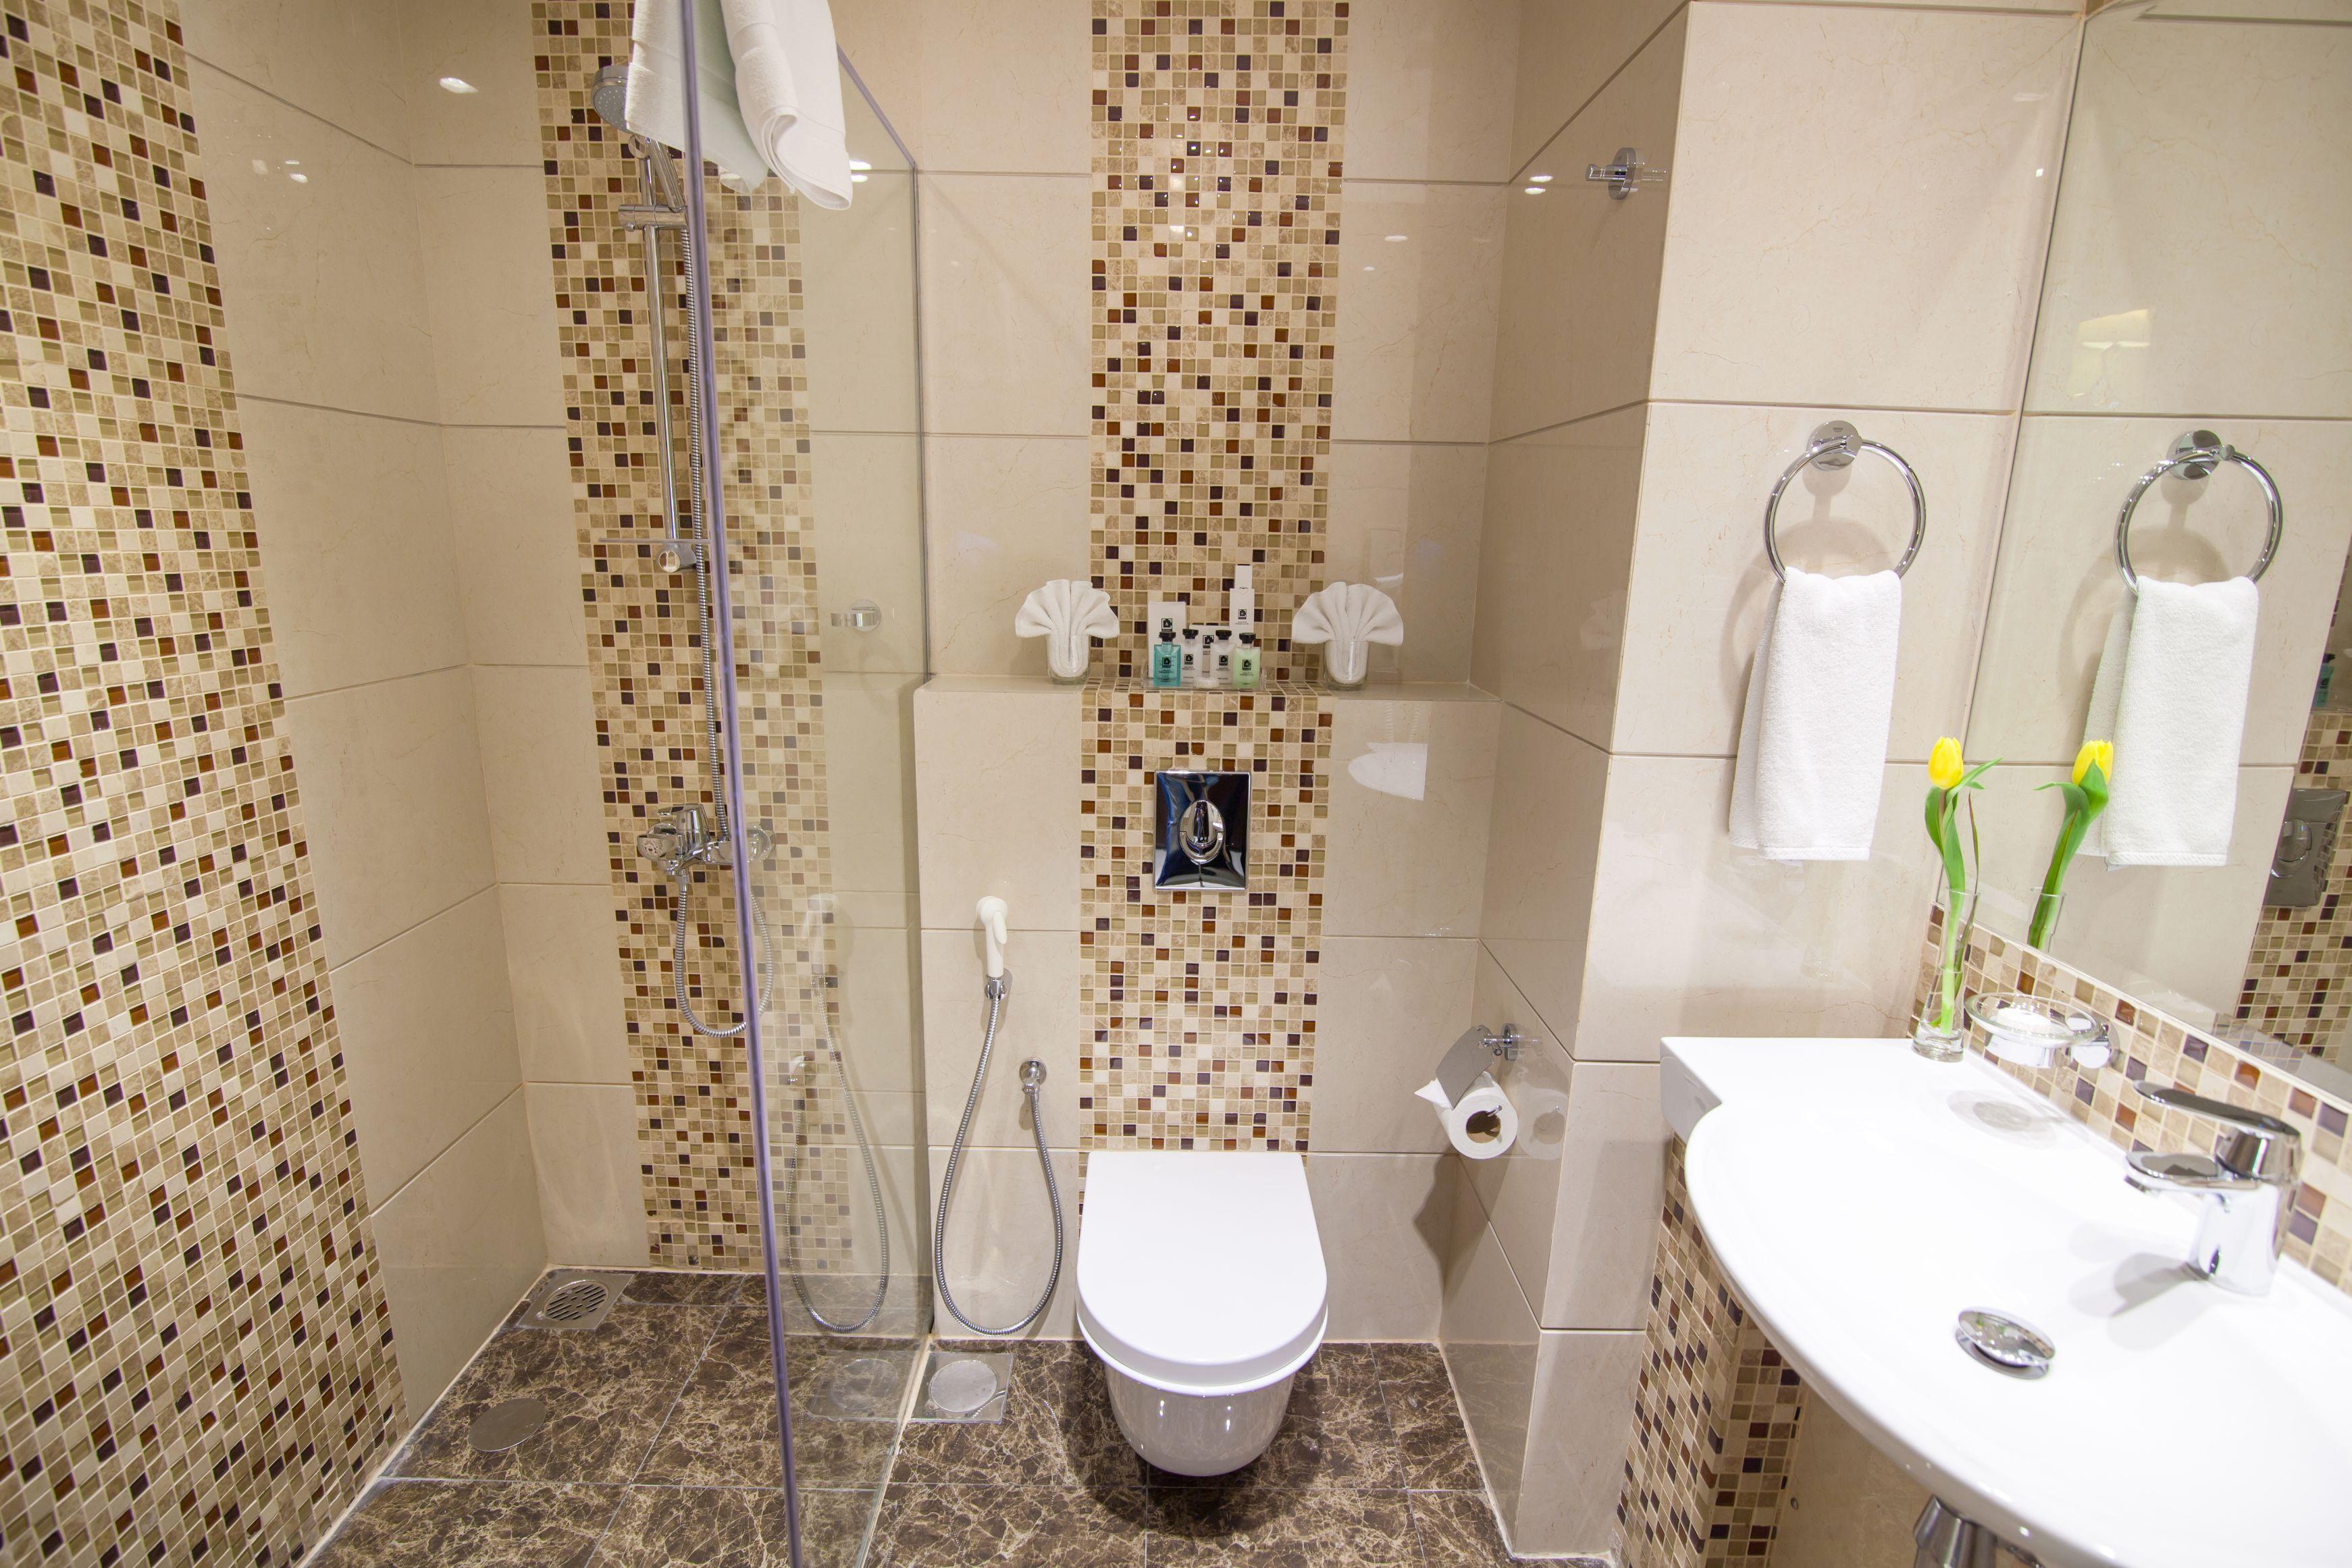 PDKR Bathroom